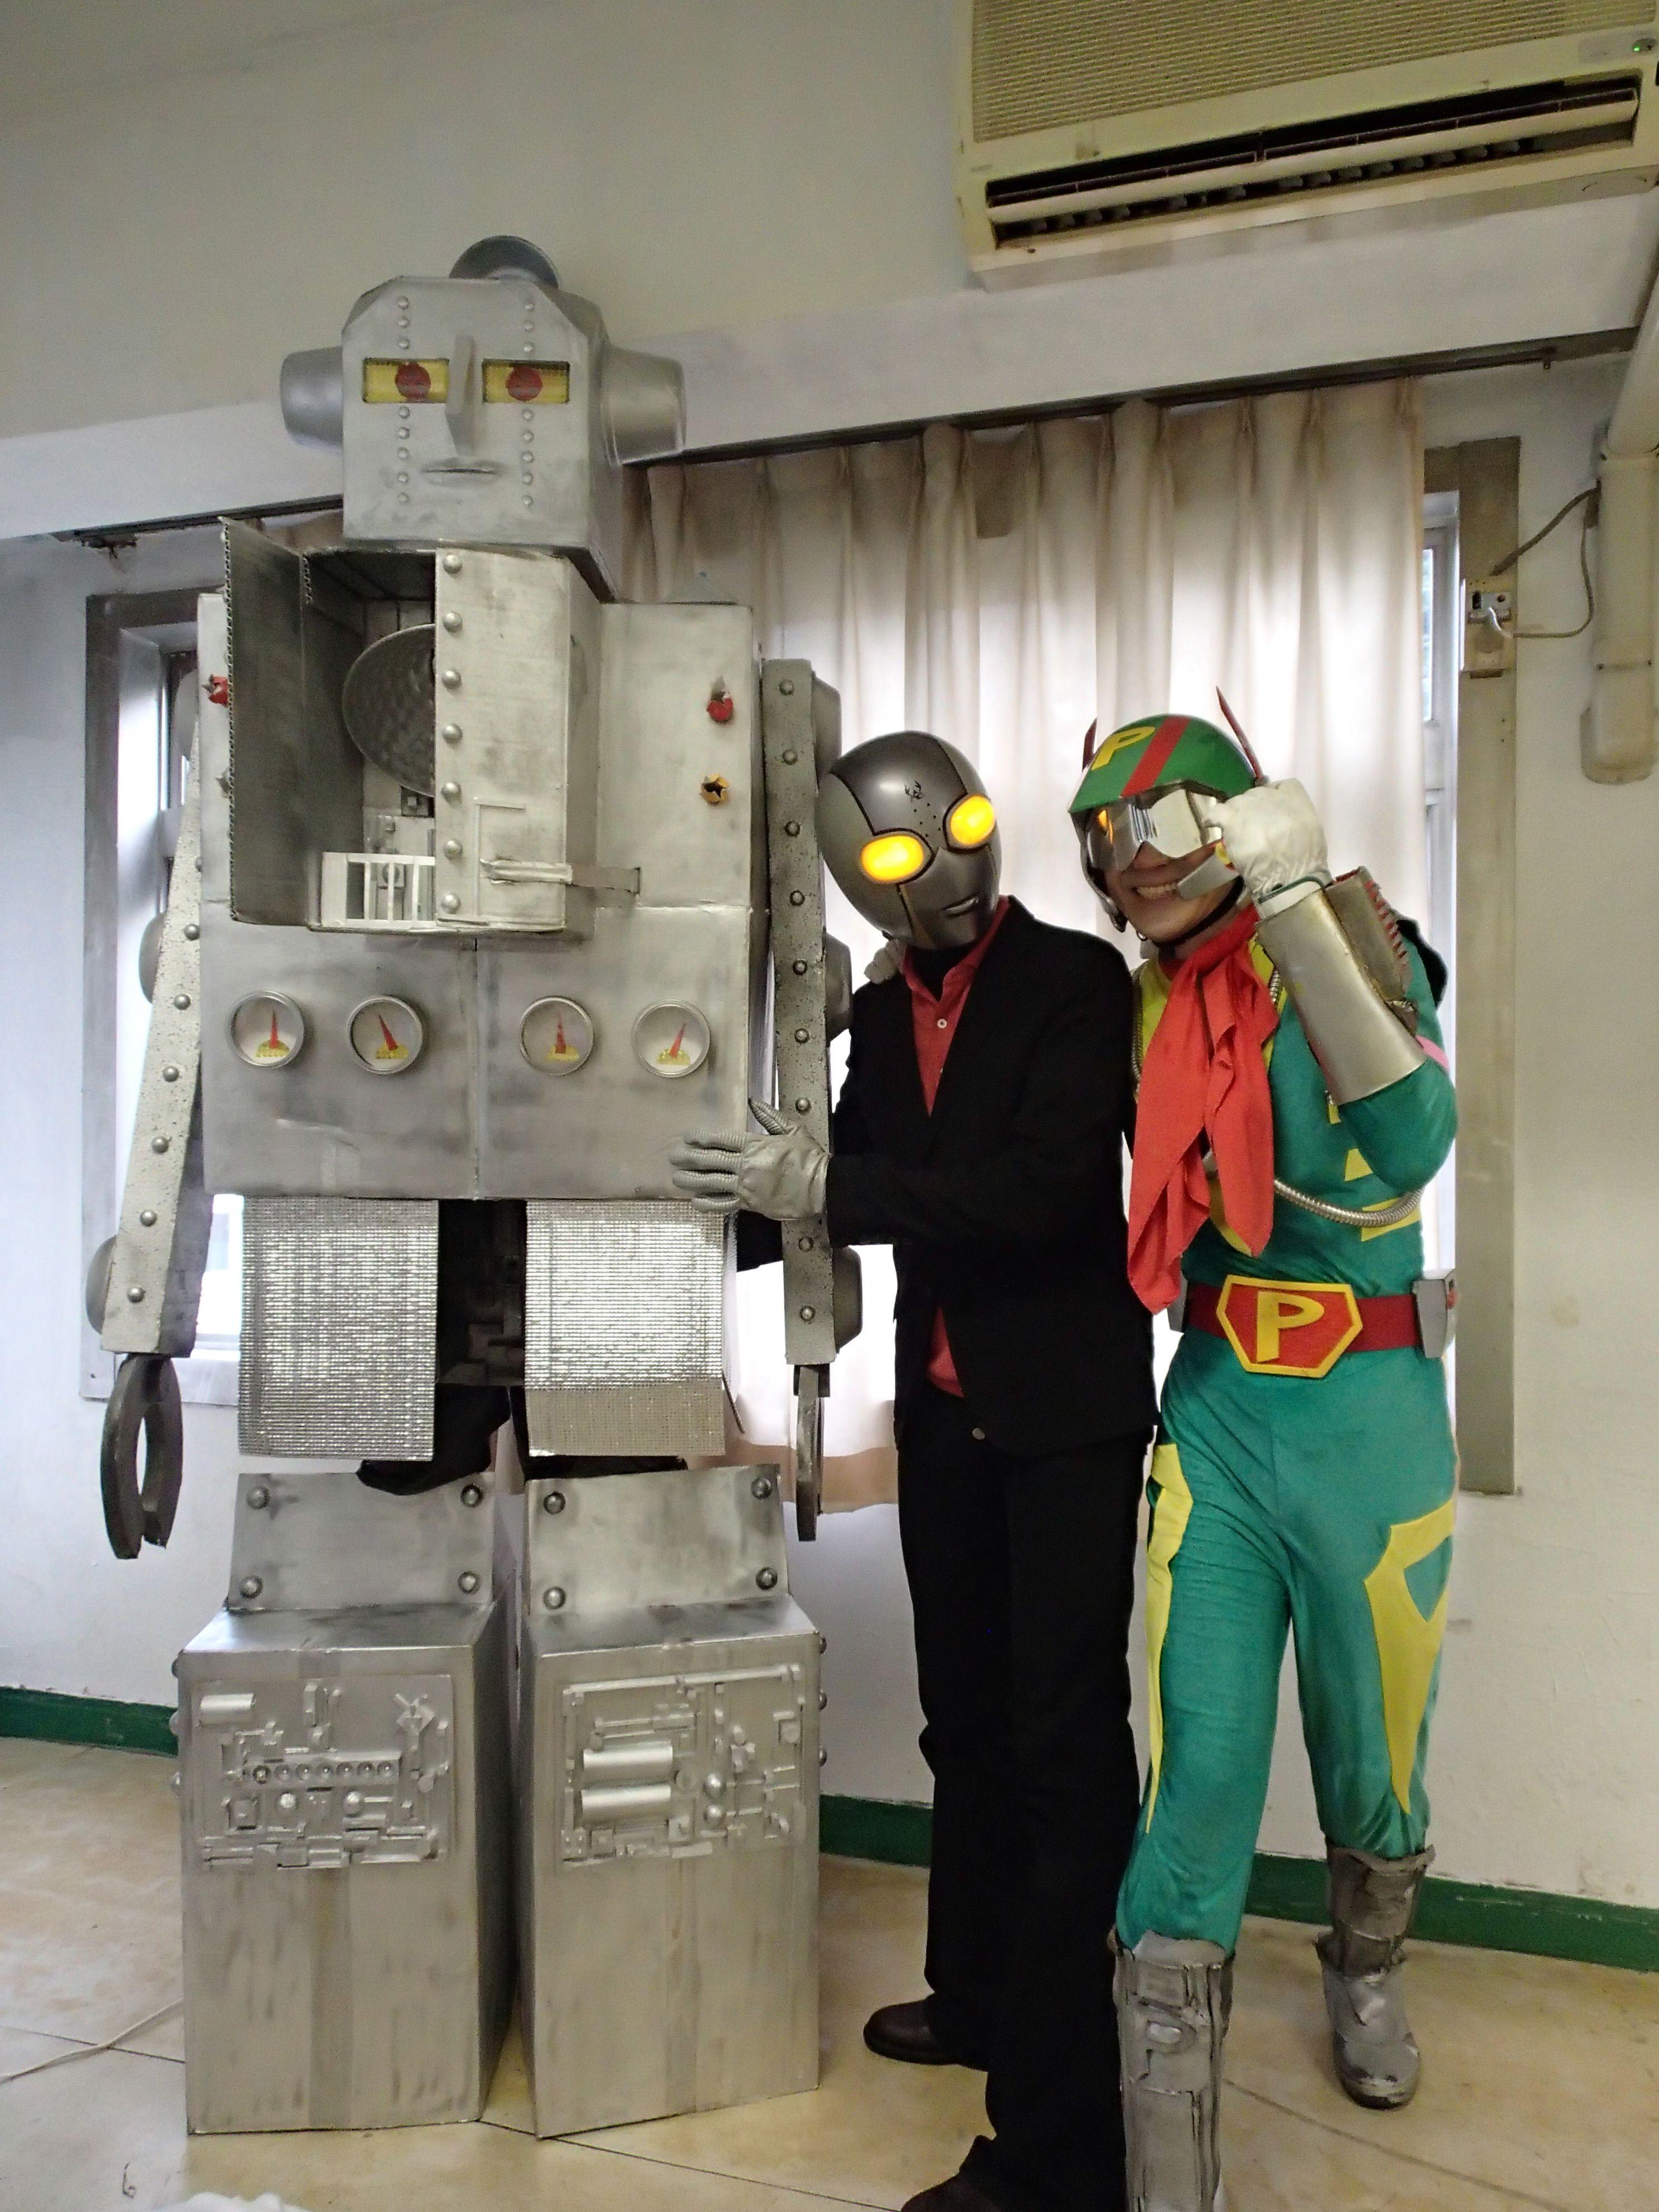 廃病院パーティーVOL.3 ザ★ファイナル@初台玉井病院スタジオ・左からブリッカン、たねマンさん、Pマンさん